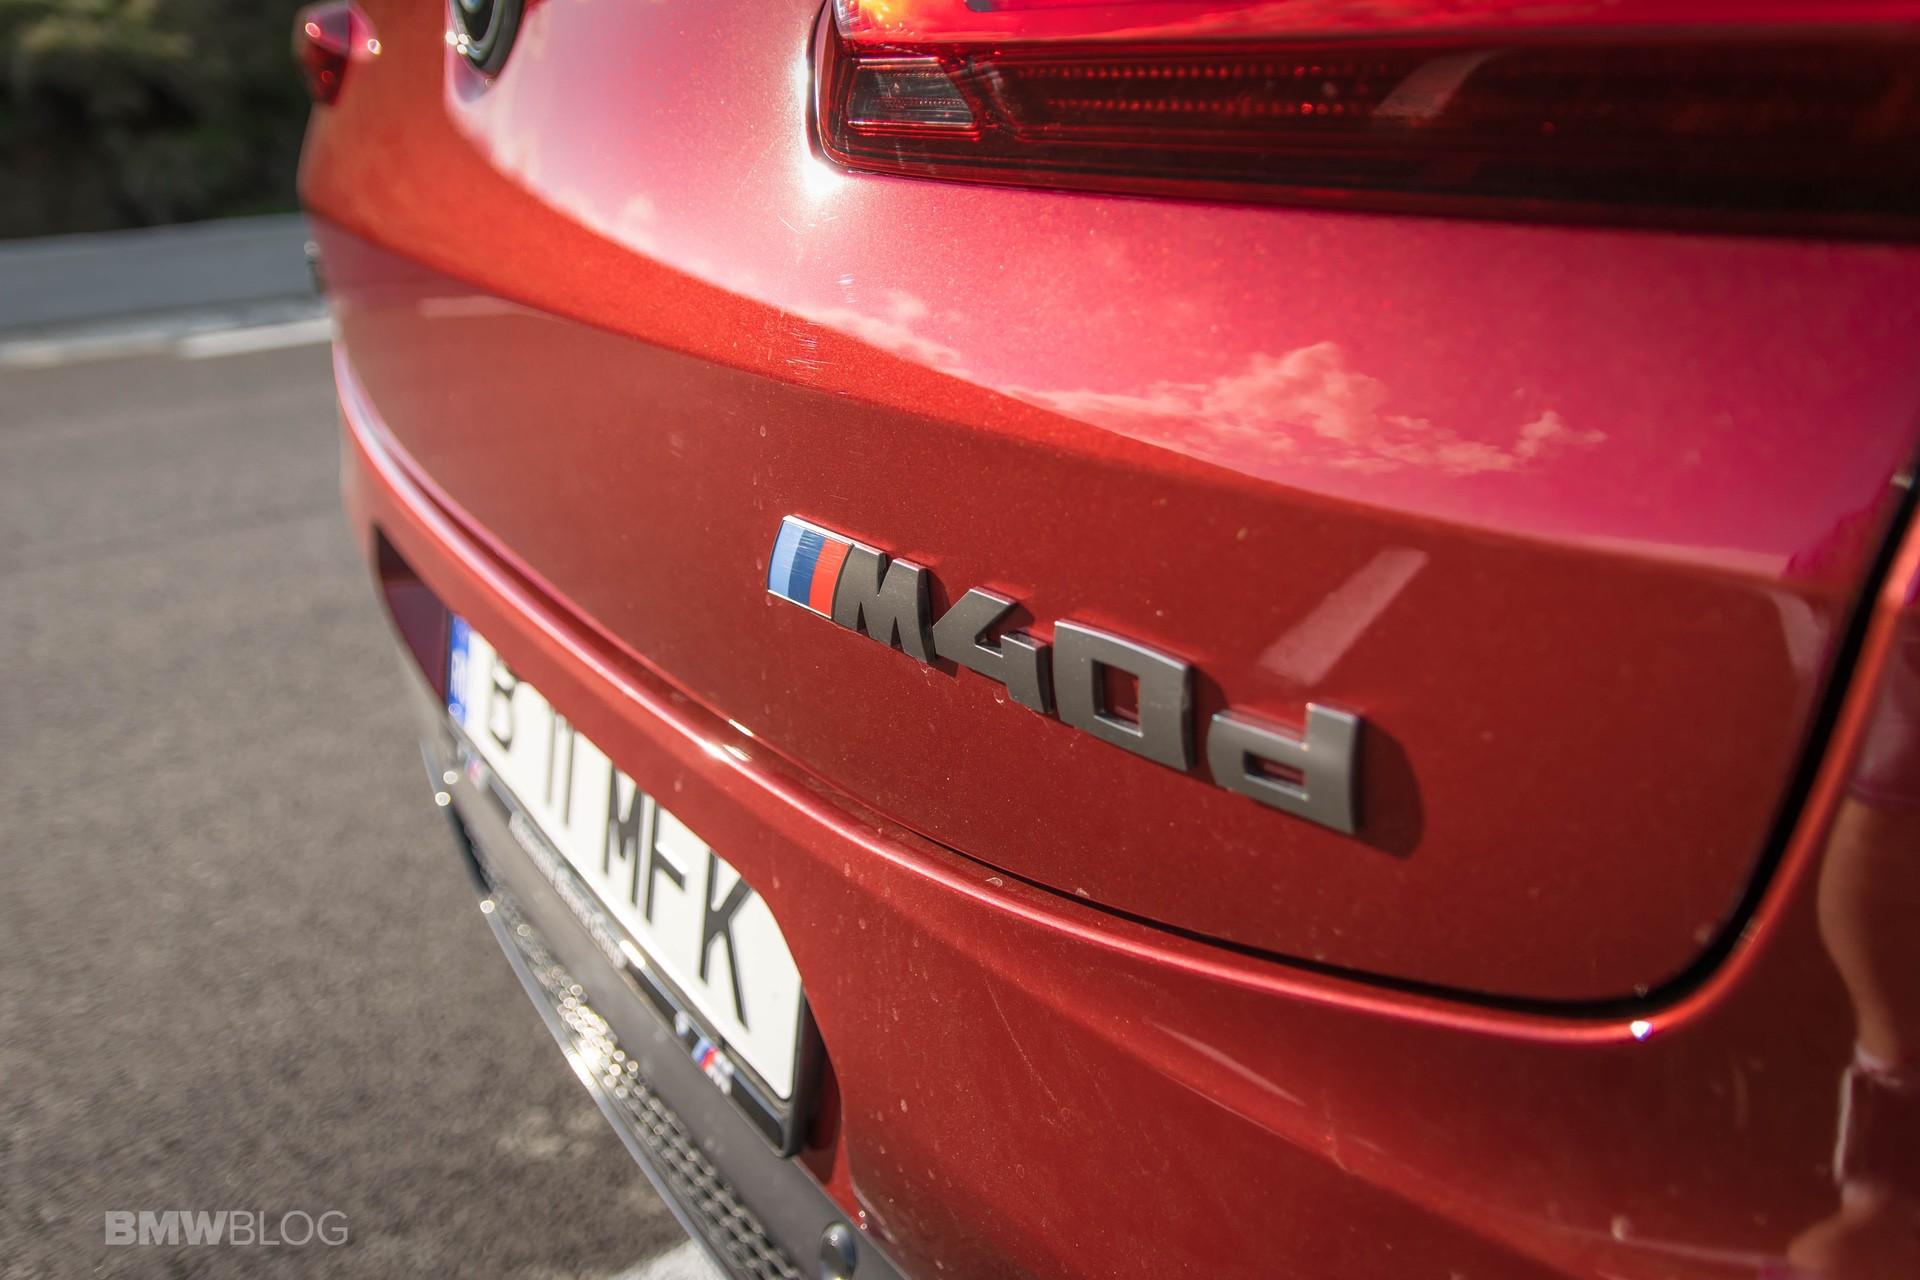 2019 BMW X4 M40d test drive 30